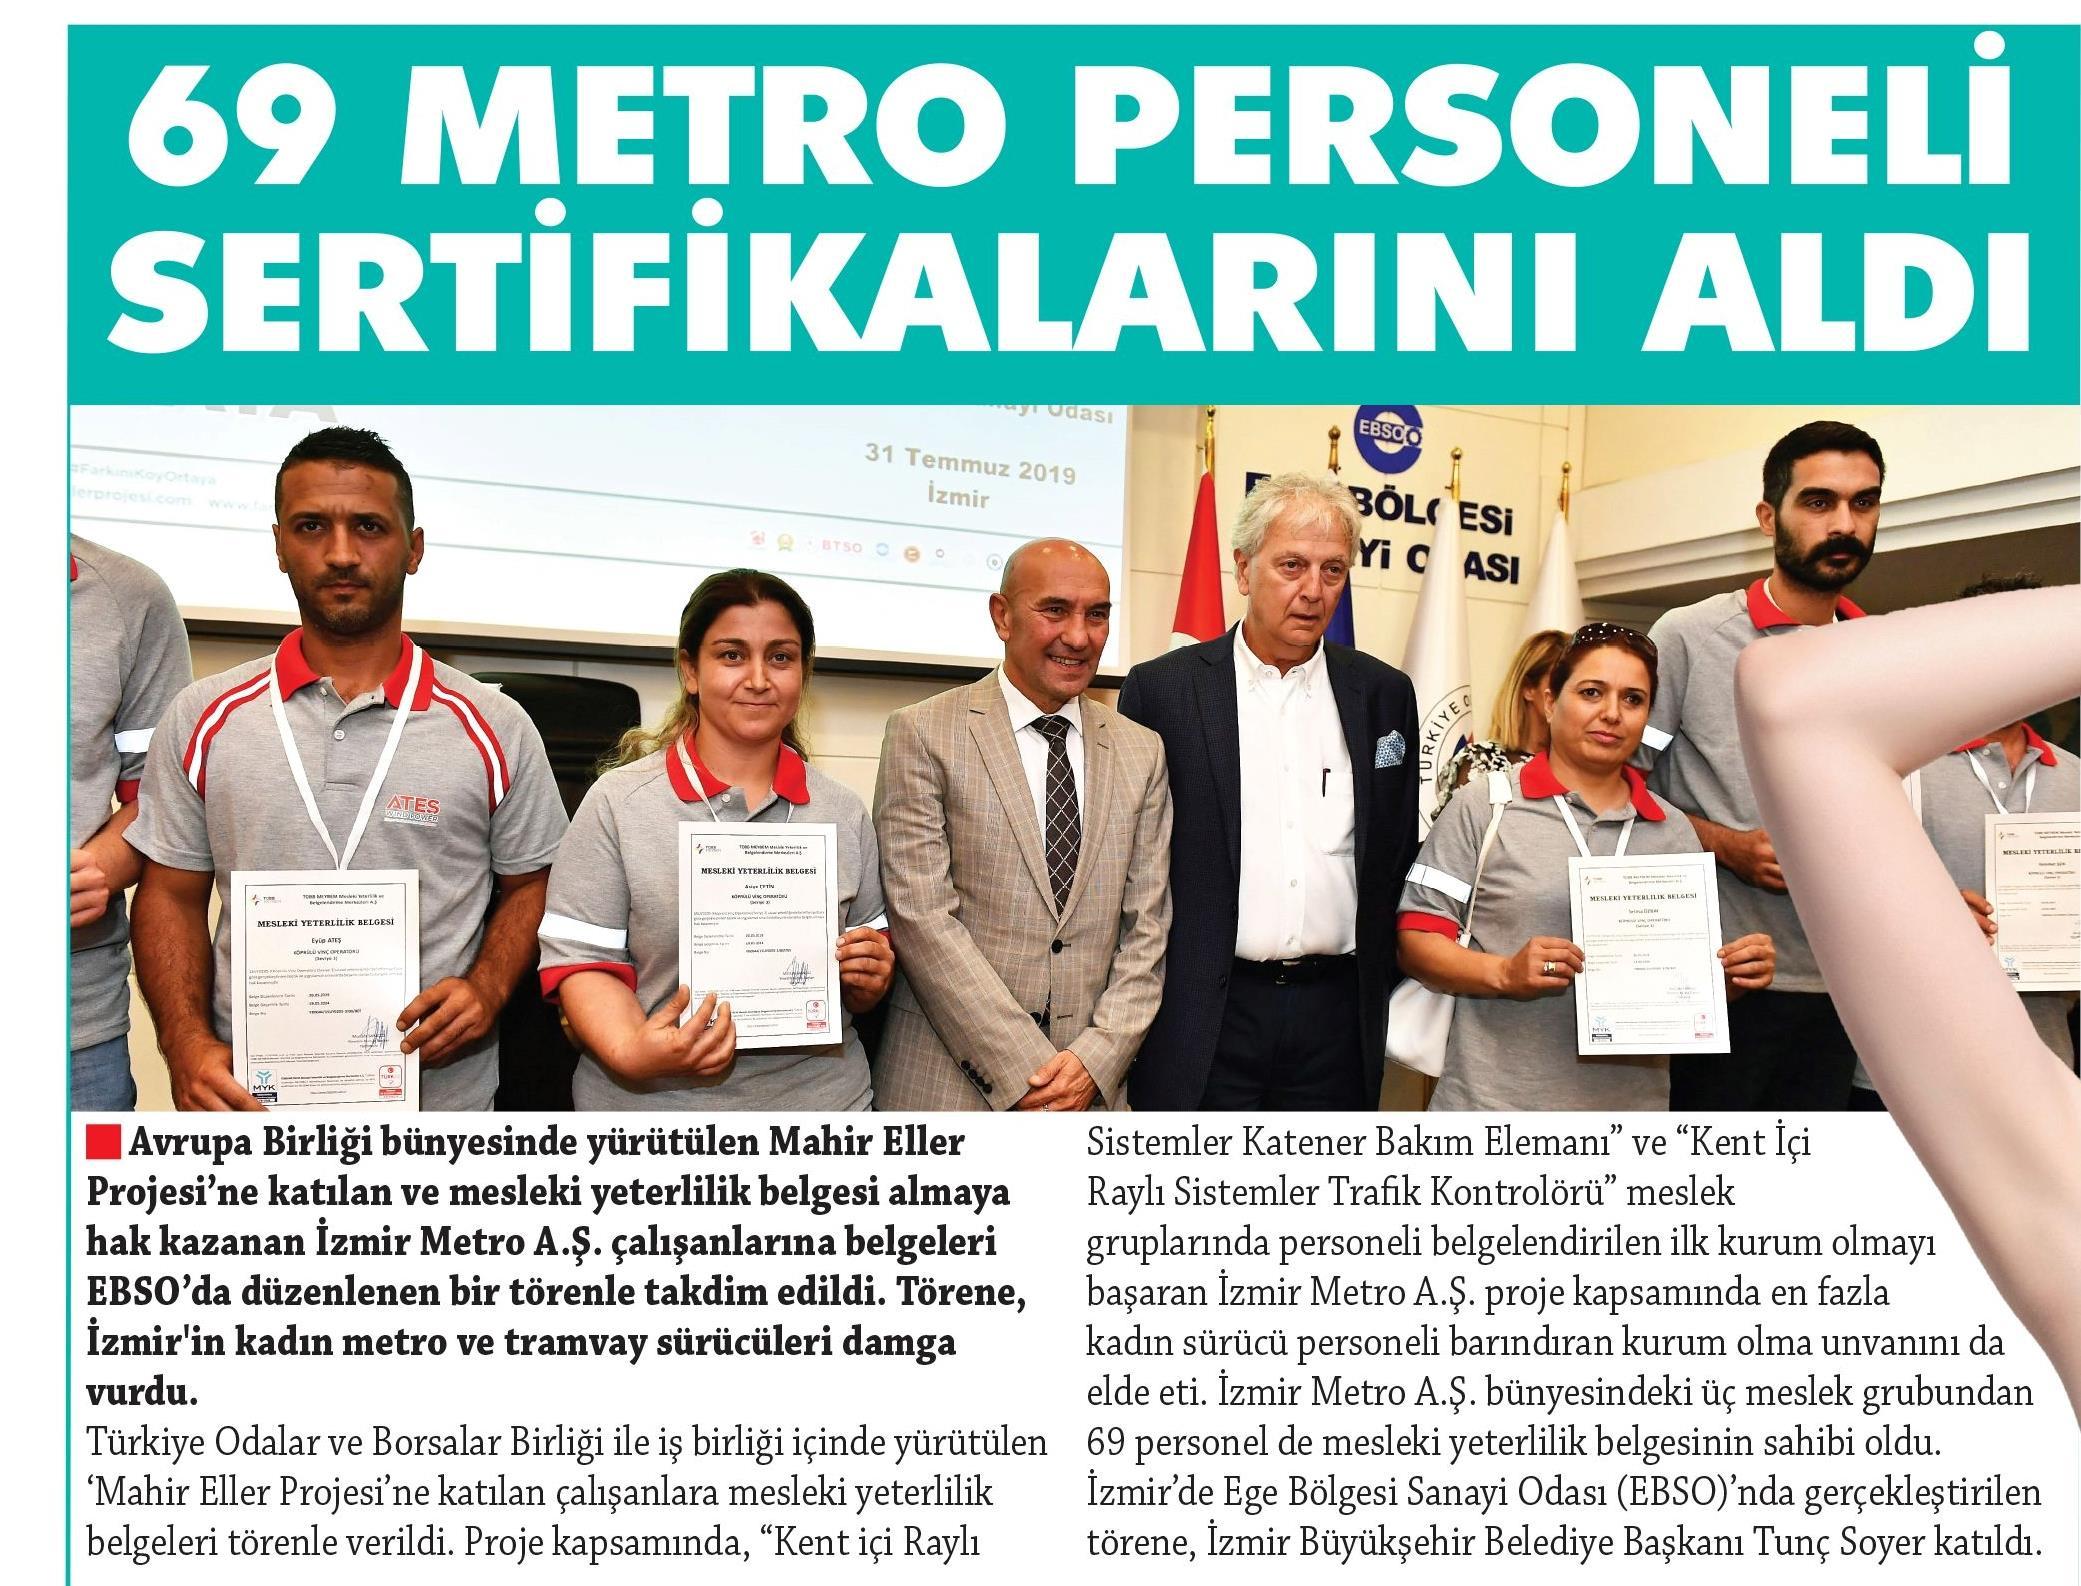 69 Metro Personeli Sertifikalarını Aldı Egemetro